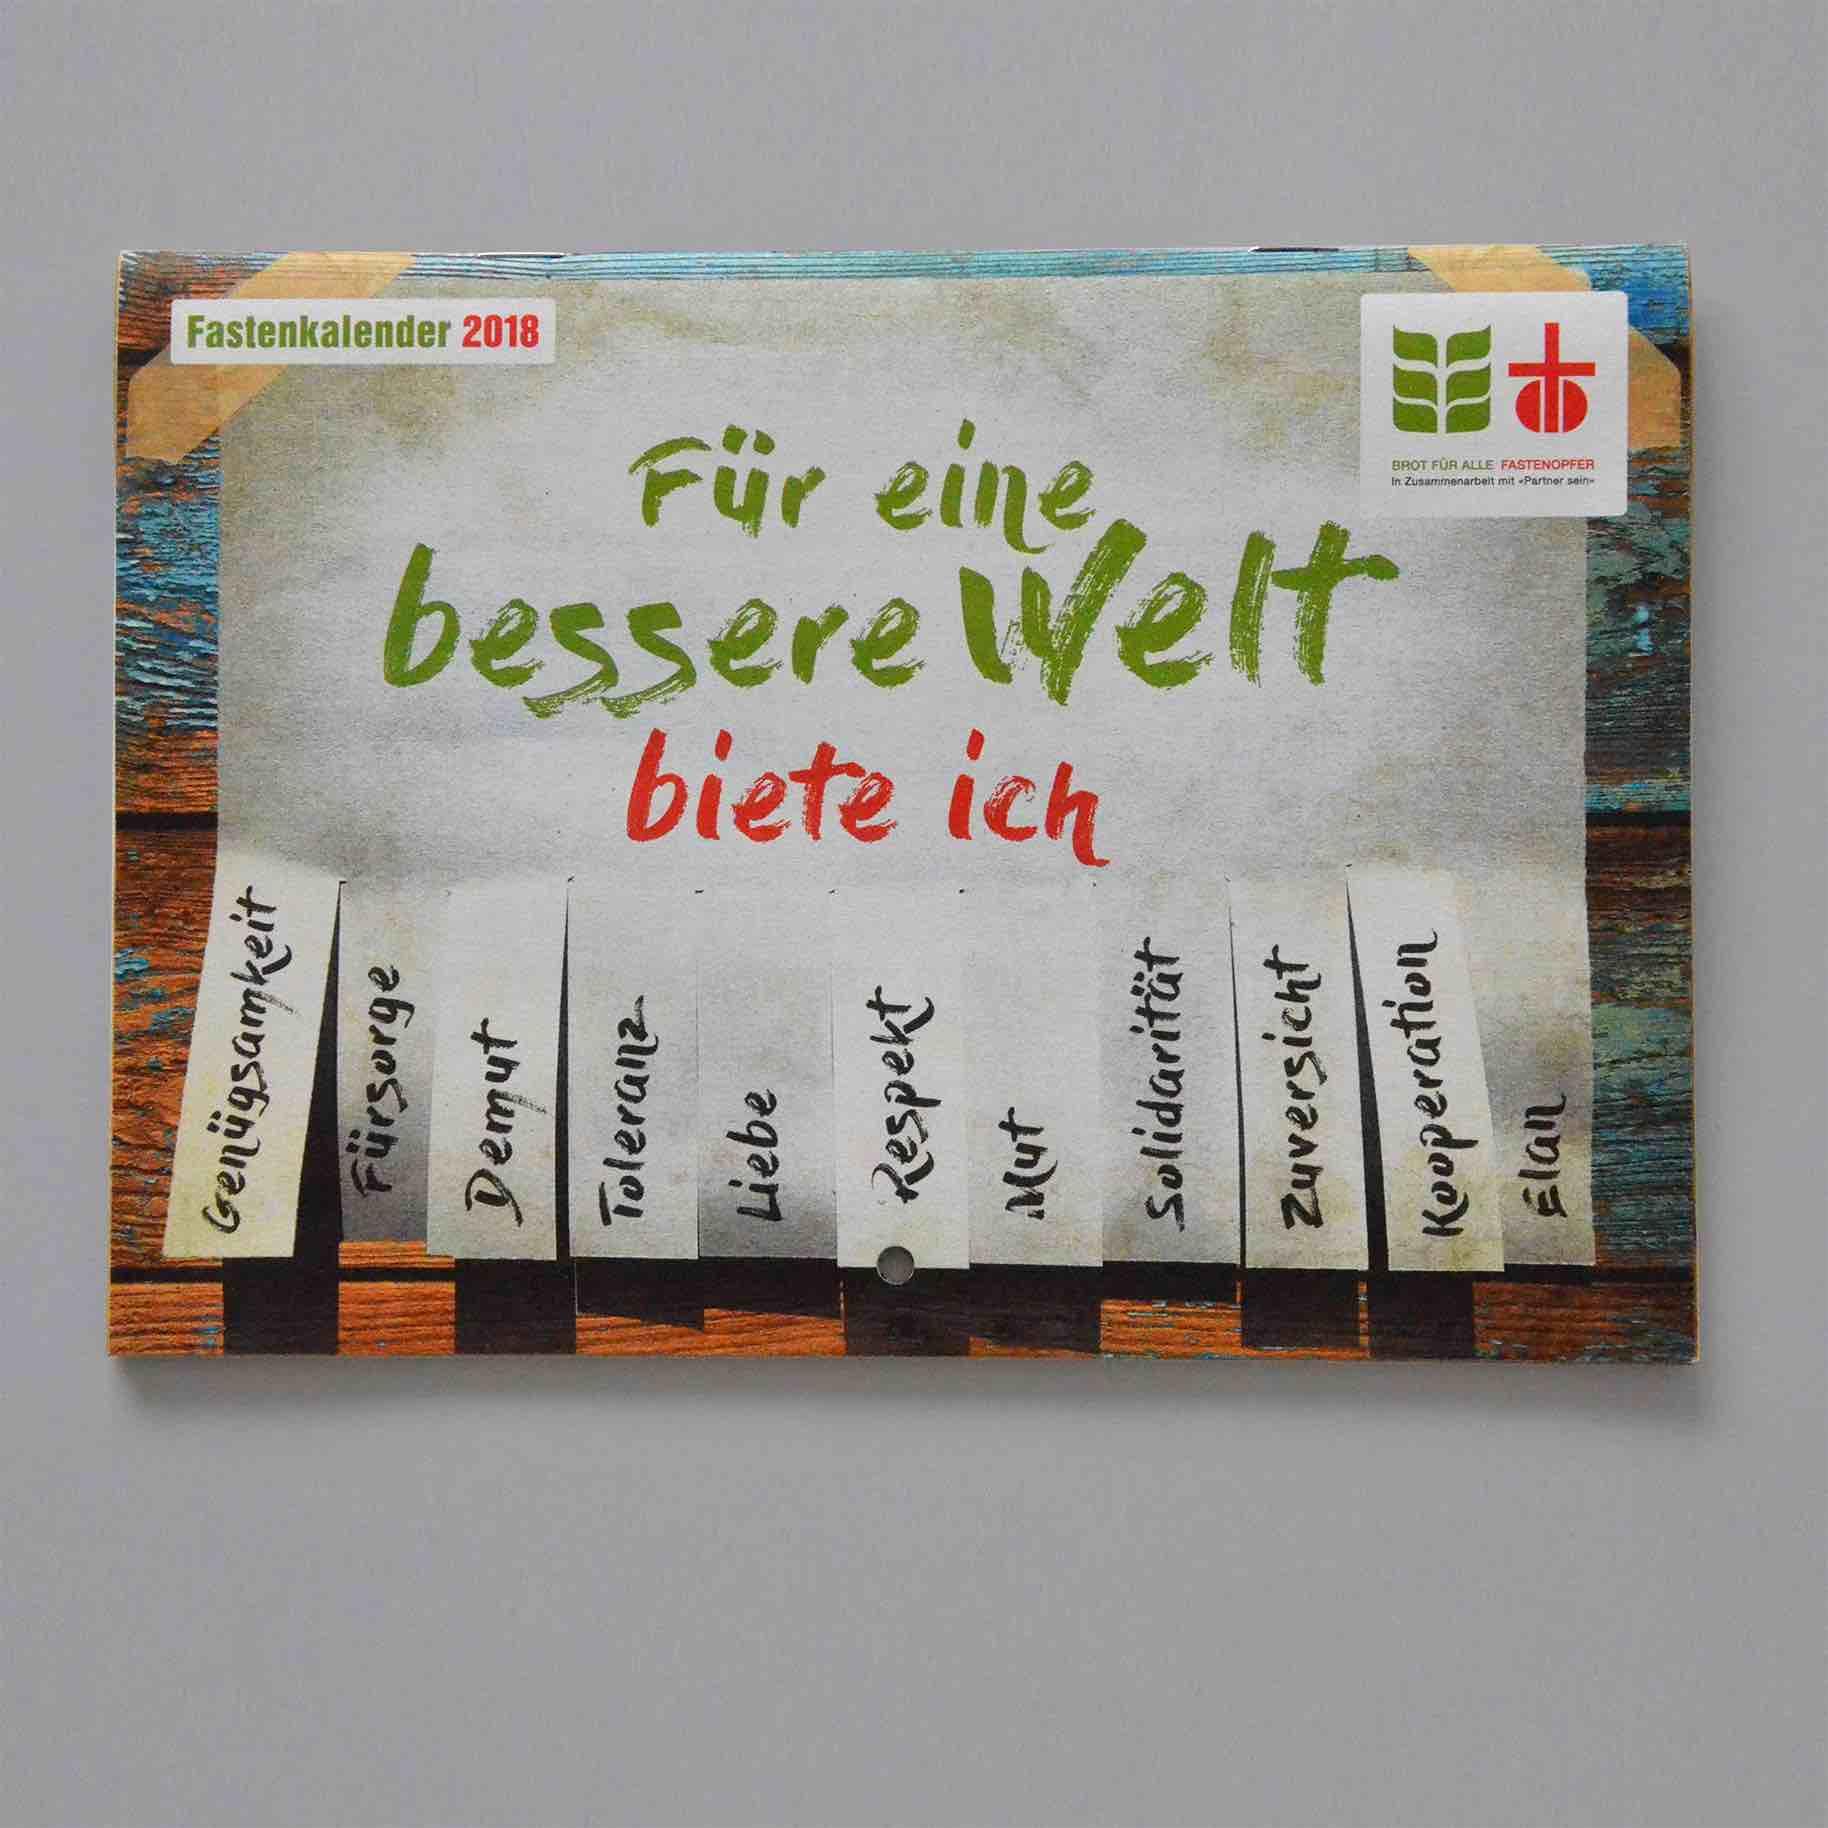 Titelseite des Fastenkalenders 2018 der ökumenischen Kampagne von Brot für alle und Fastenopfer